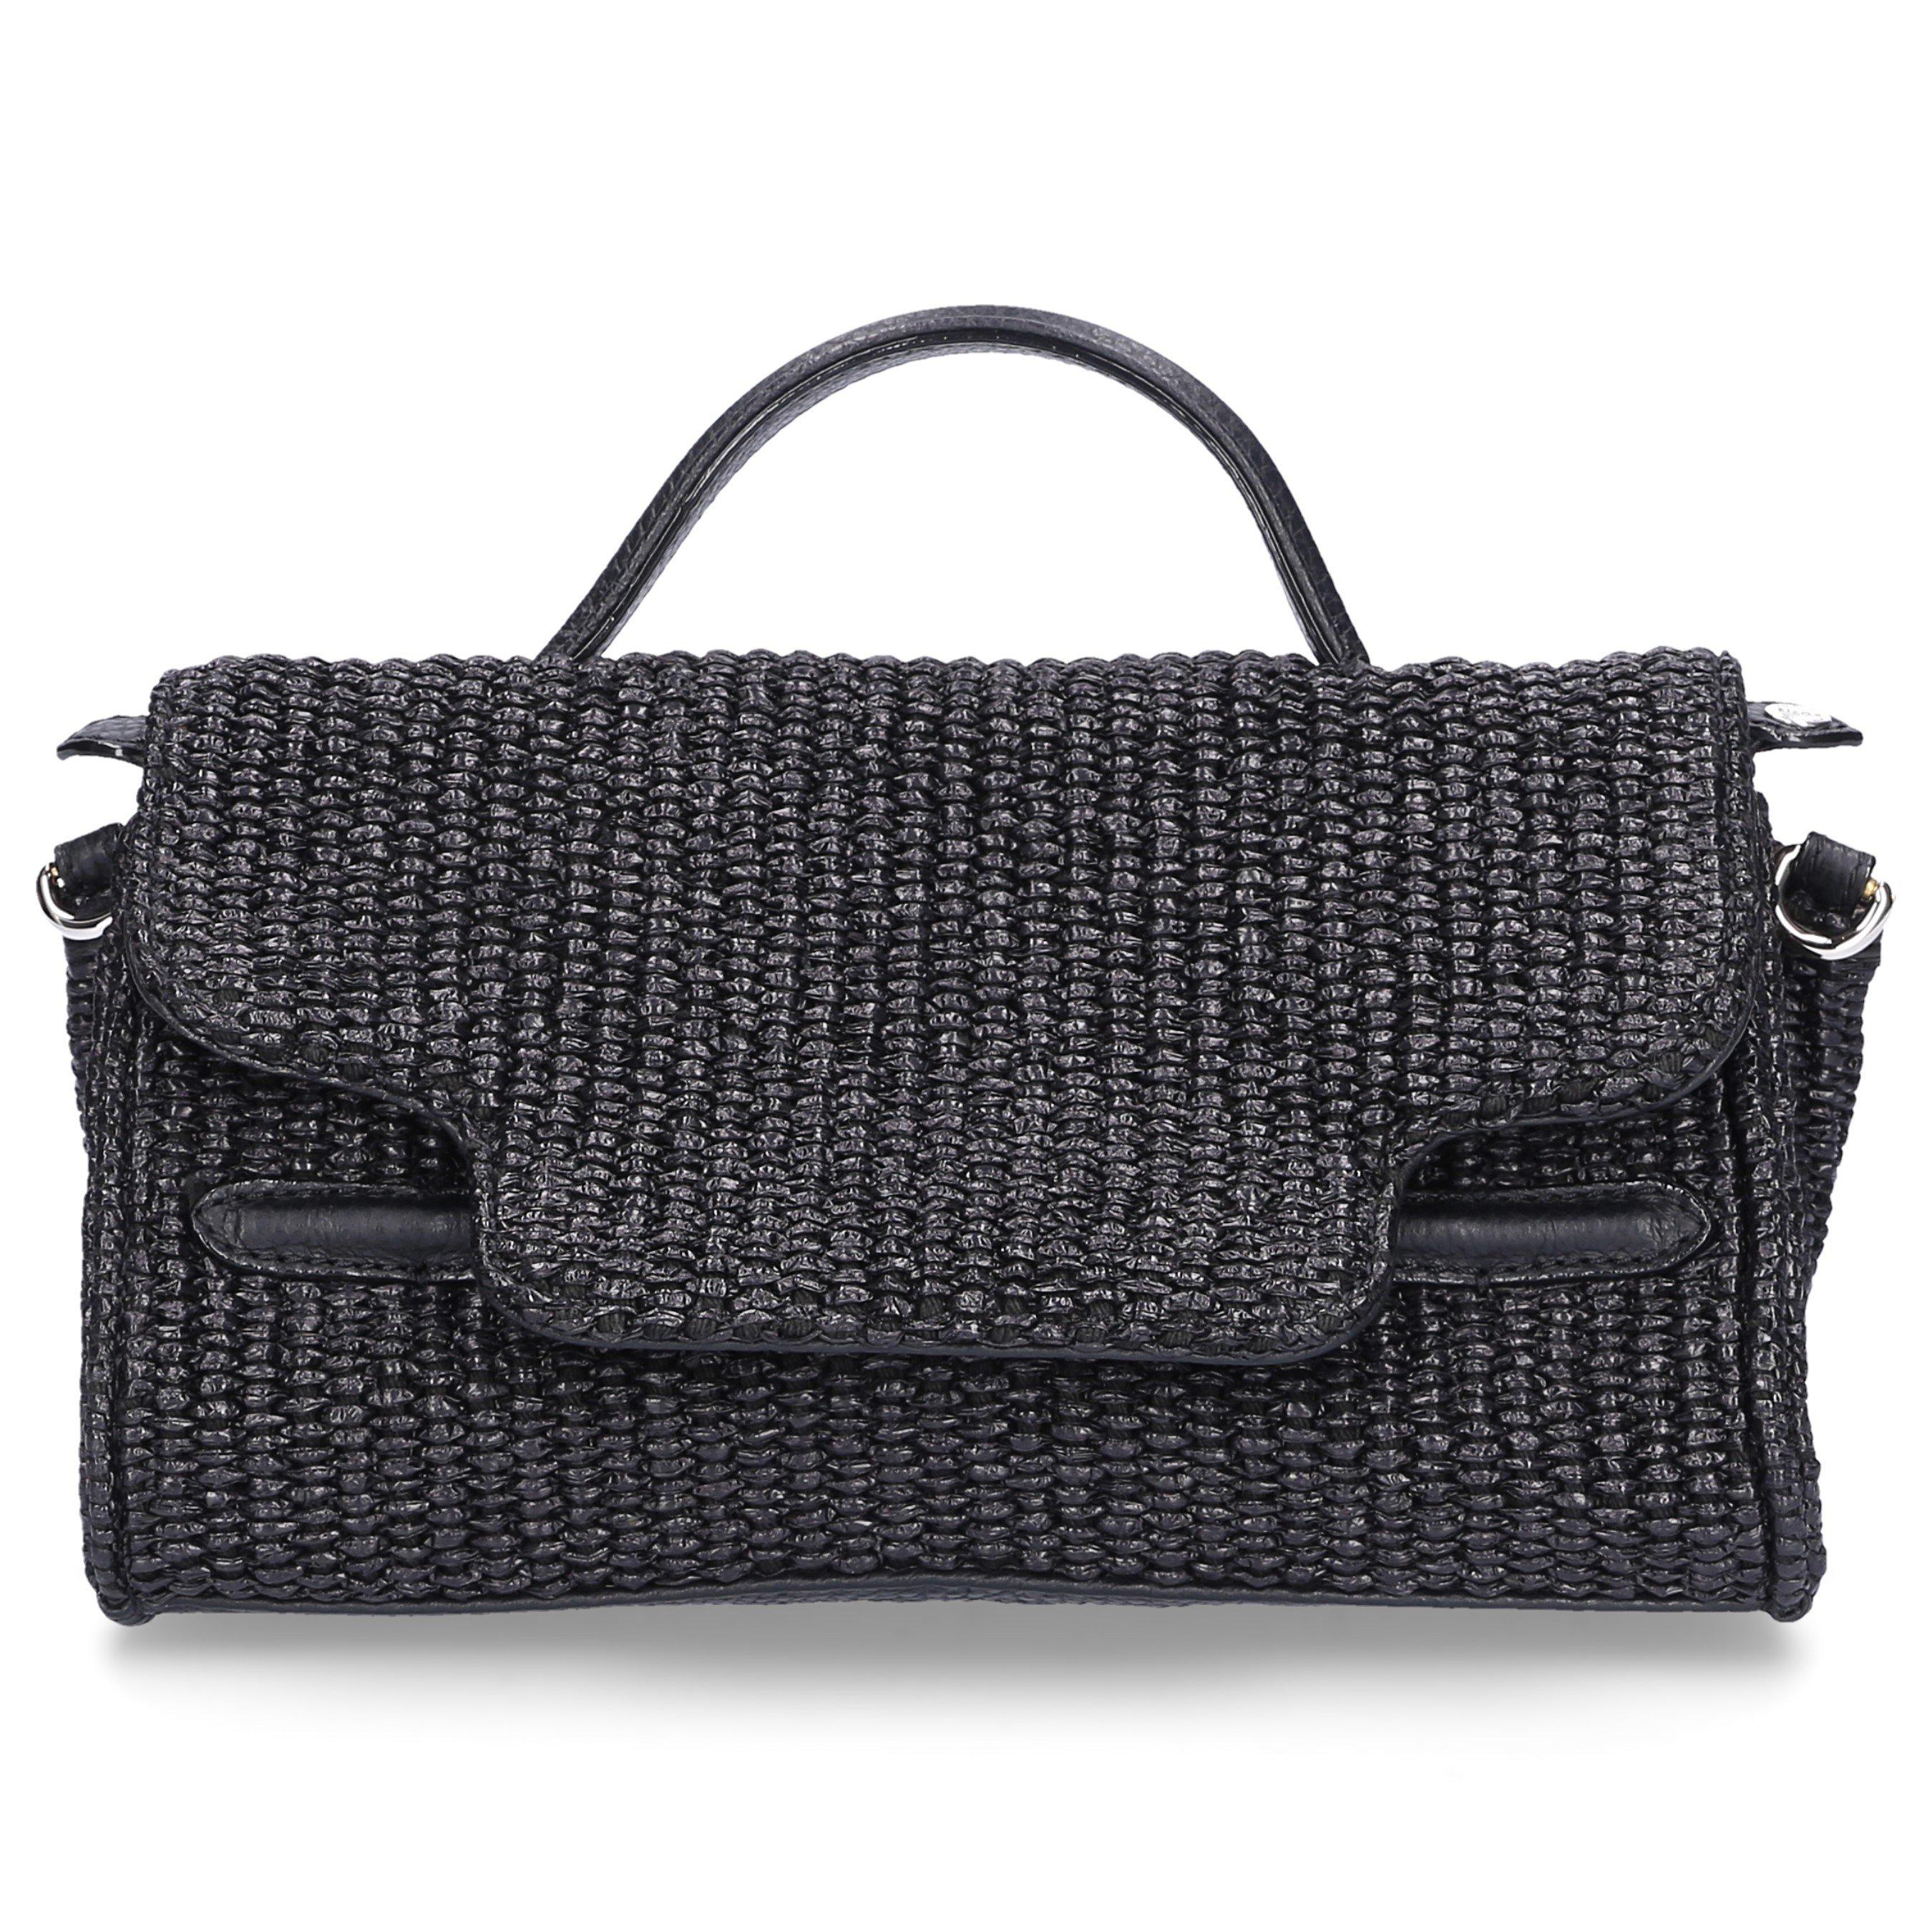 Zanellato Handtasche NINA BABY Baumwolle Logo schwarz